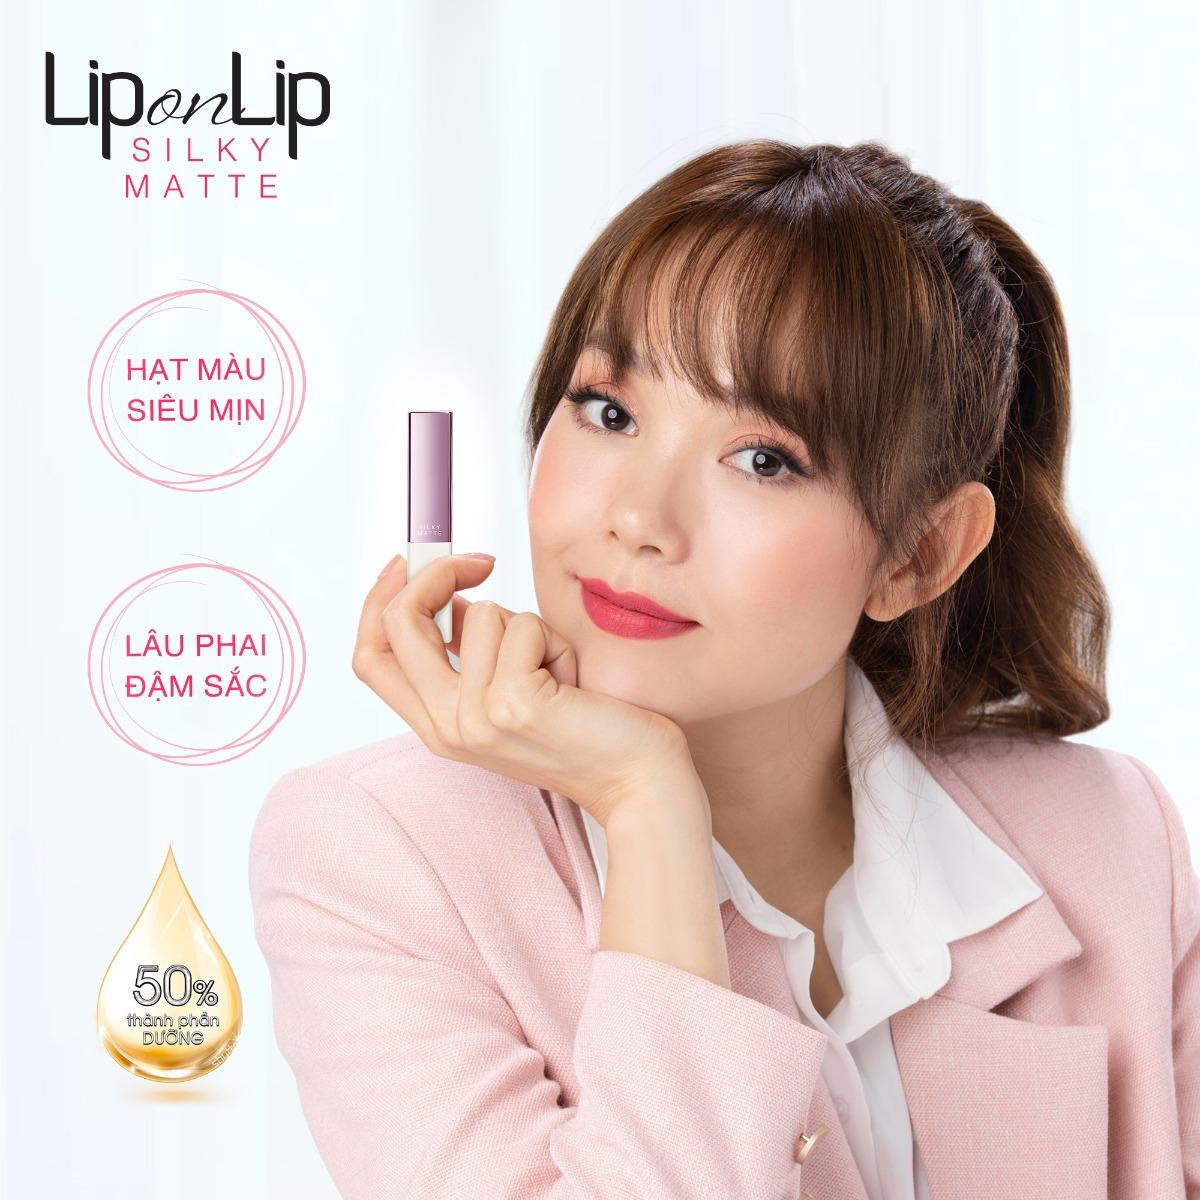 Son Lì Siêu Mịn Dưỡng Tối Ưu Lip On Lip Silky Matte 2.2g hiện đã có mặt tại Hasaki